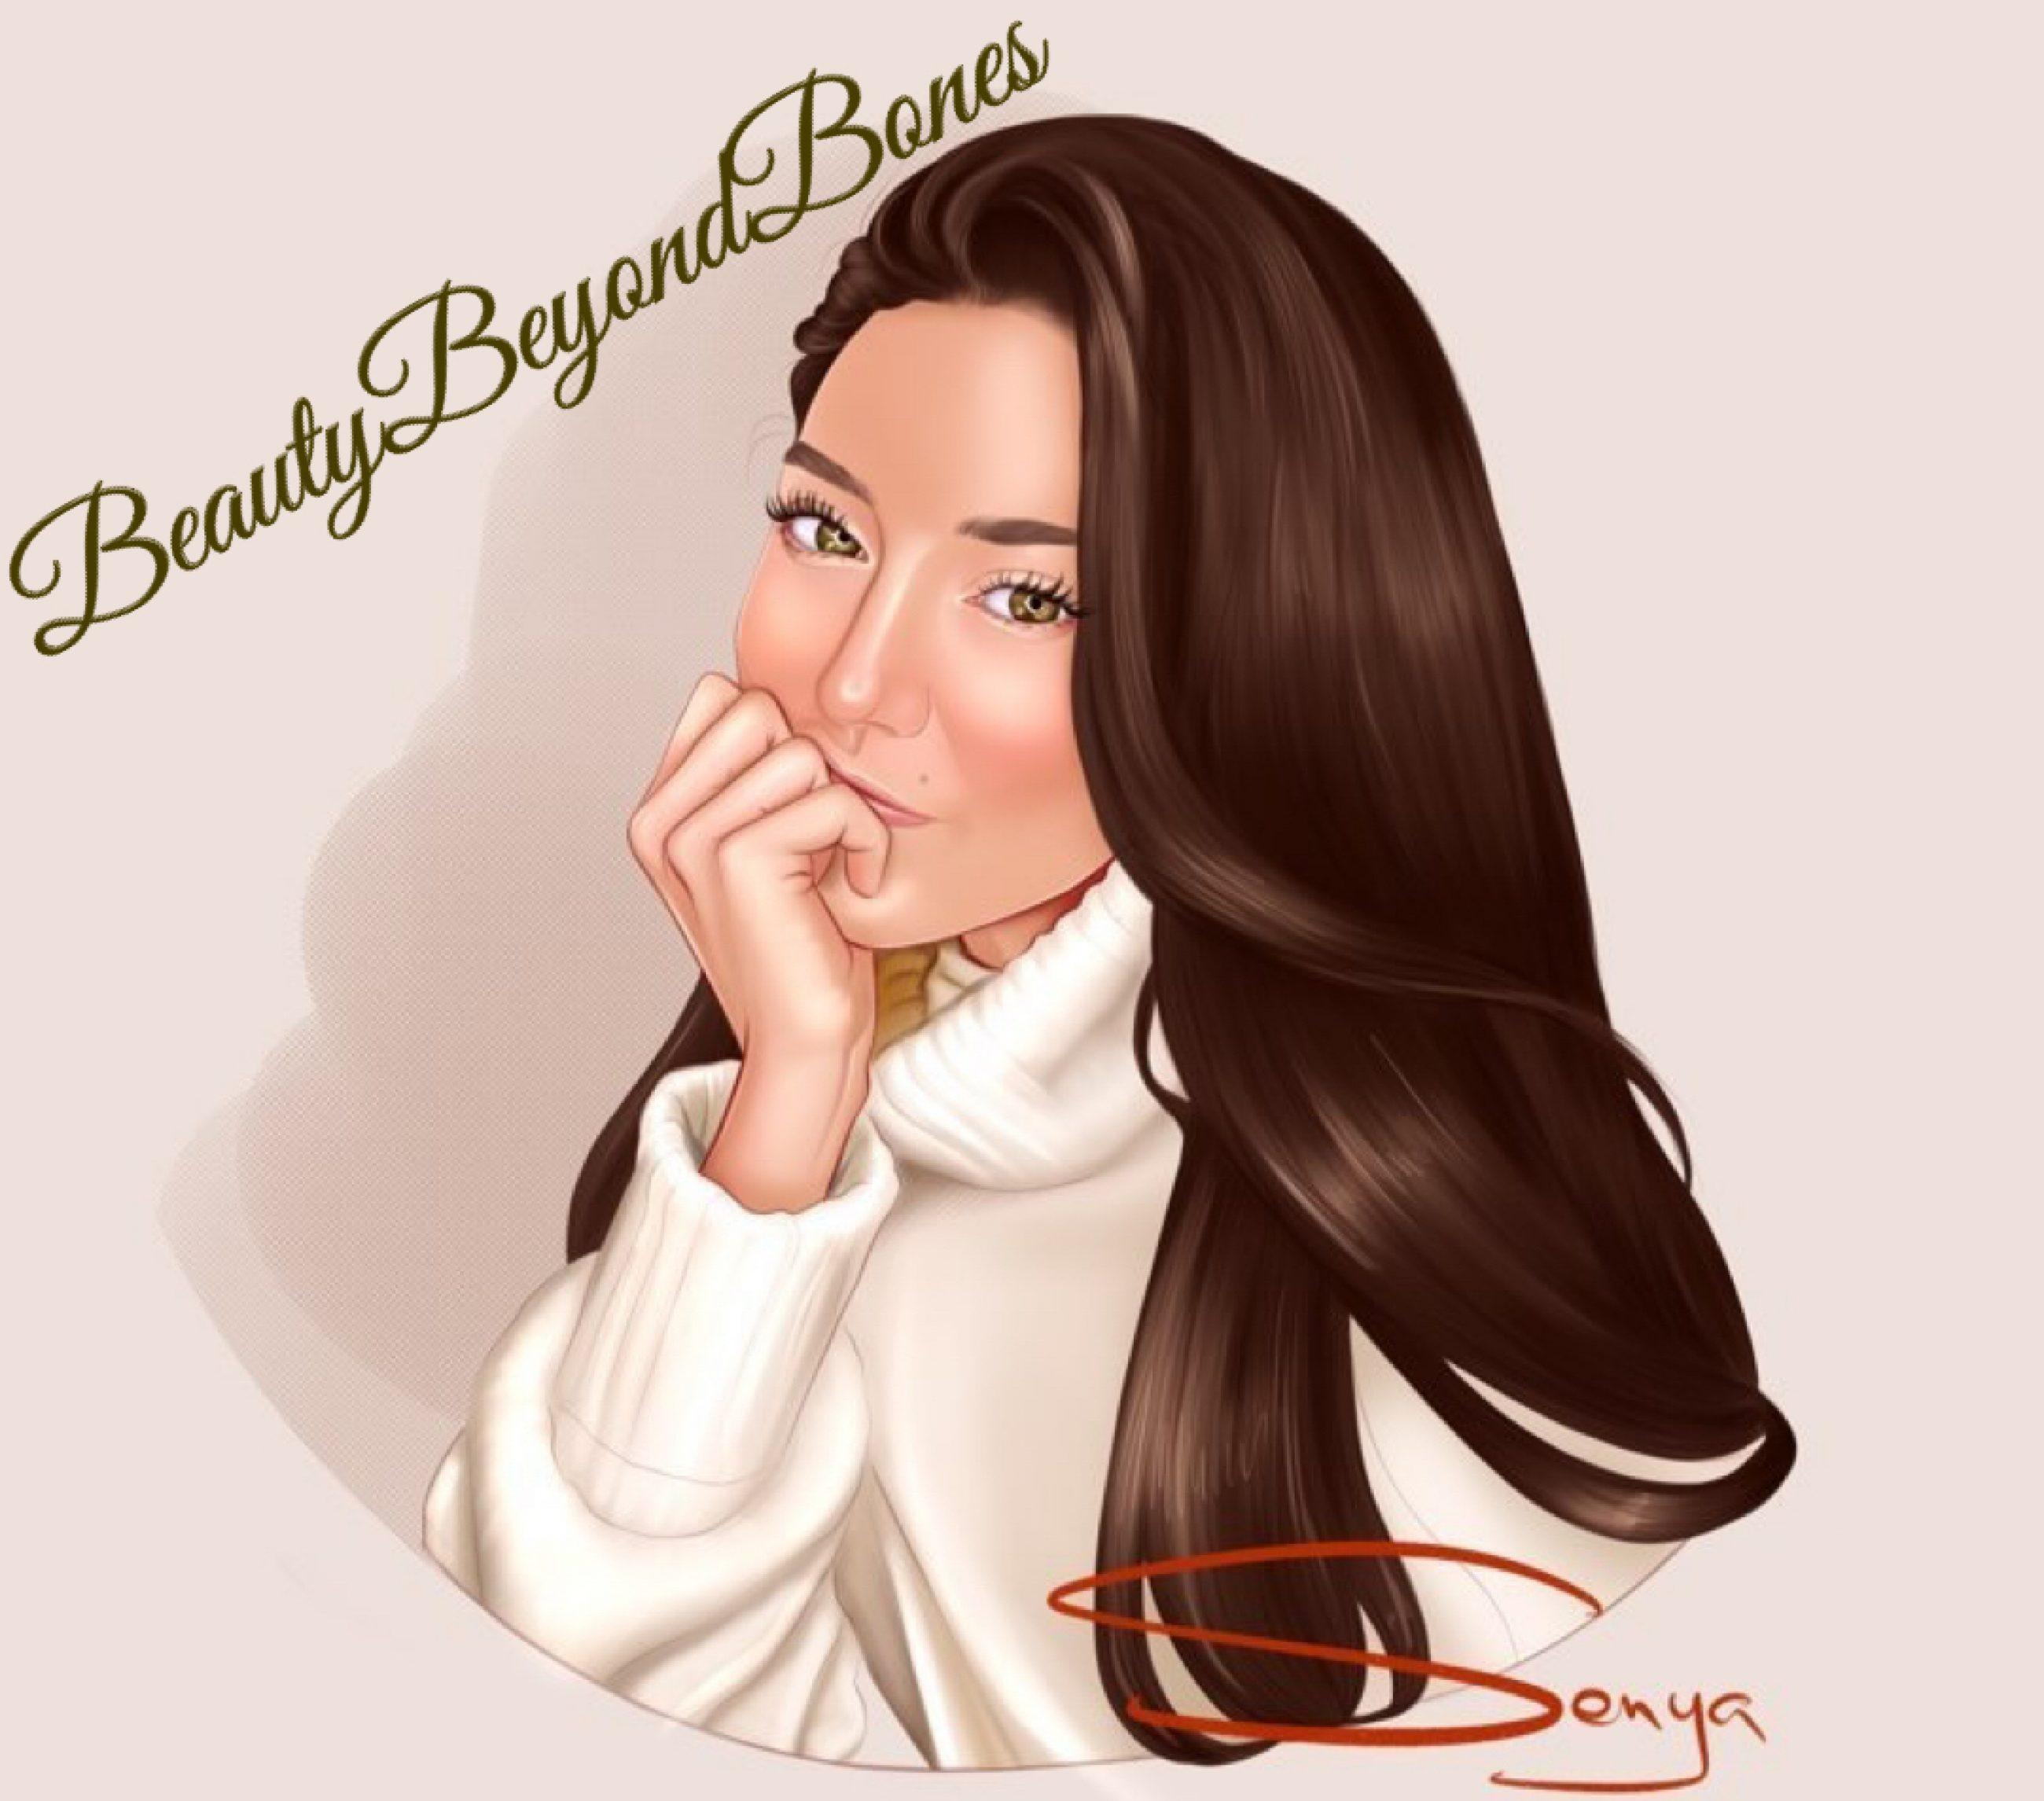 BeautyBeyondBones